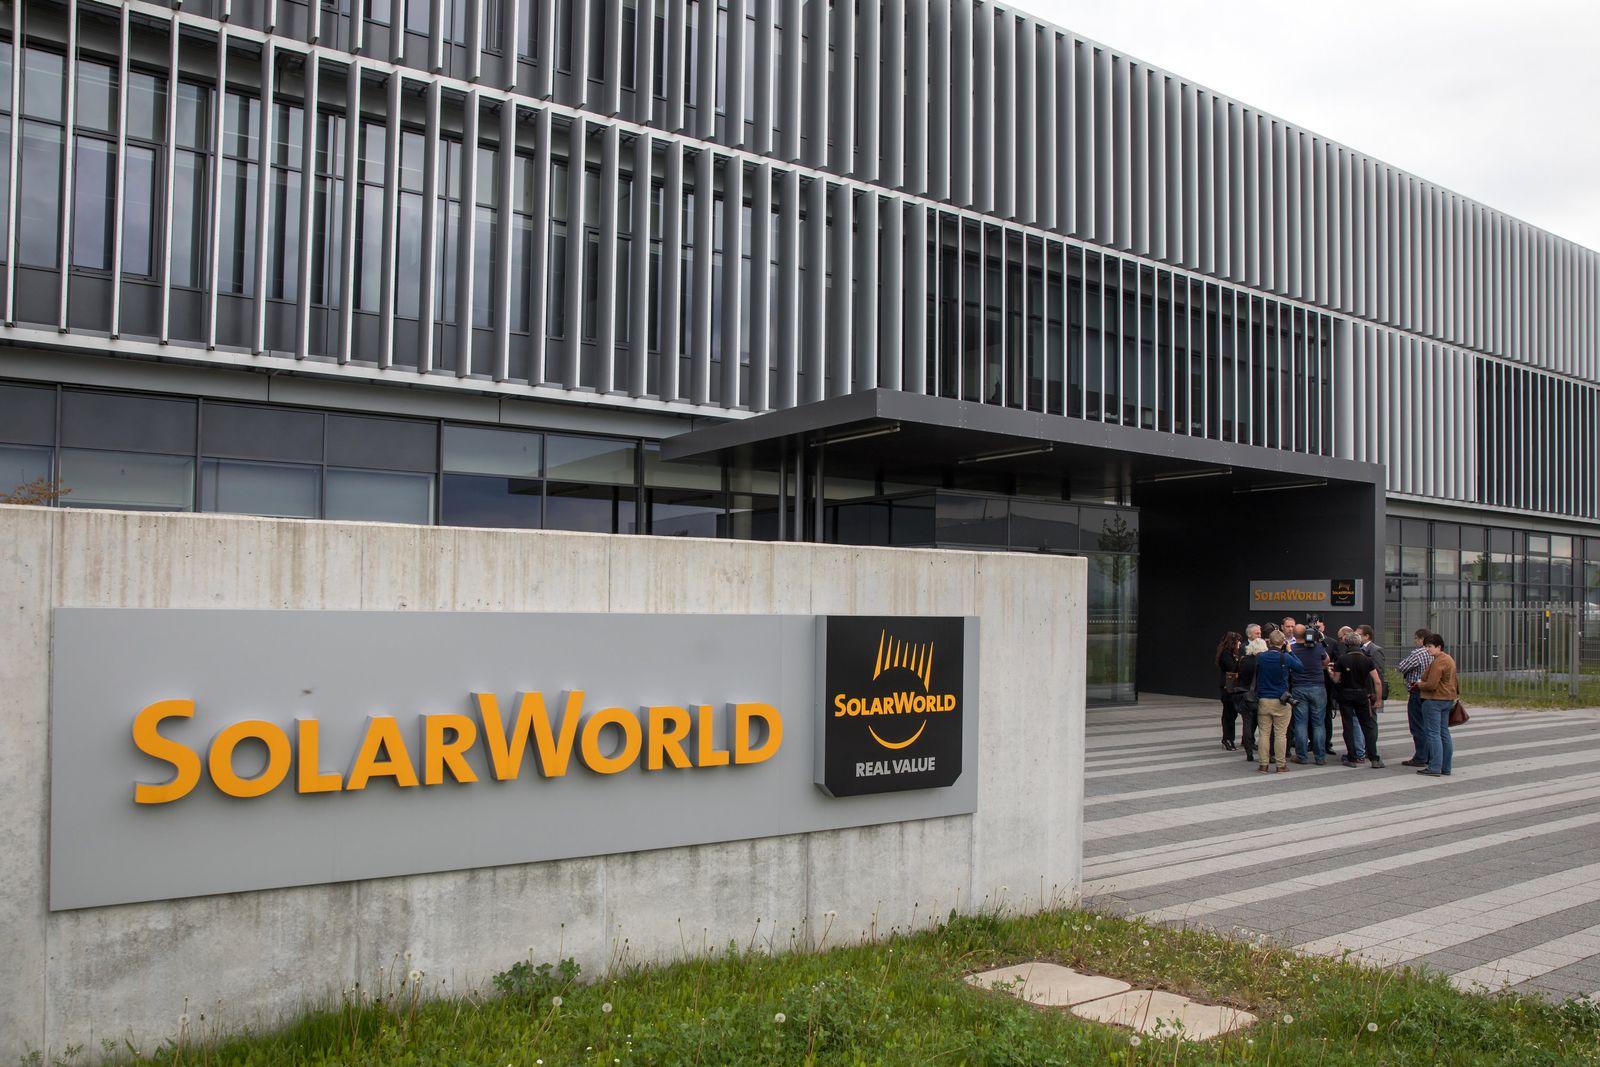 Standort Arnstadt nach Solarworld-Insolvenz